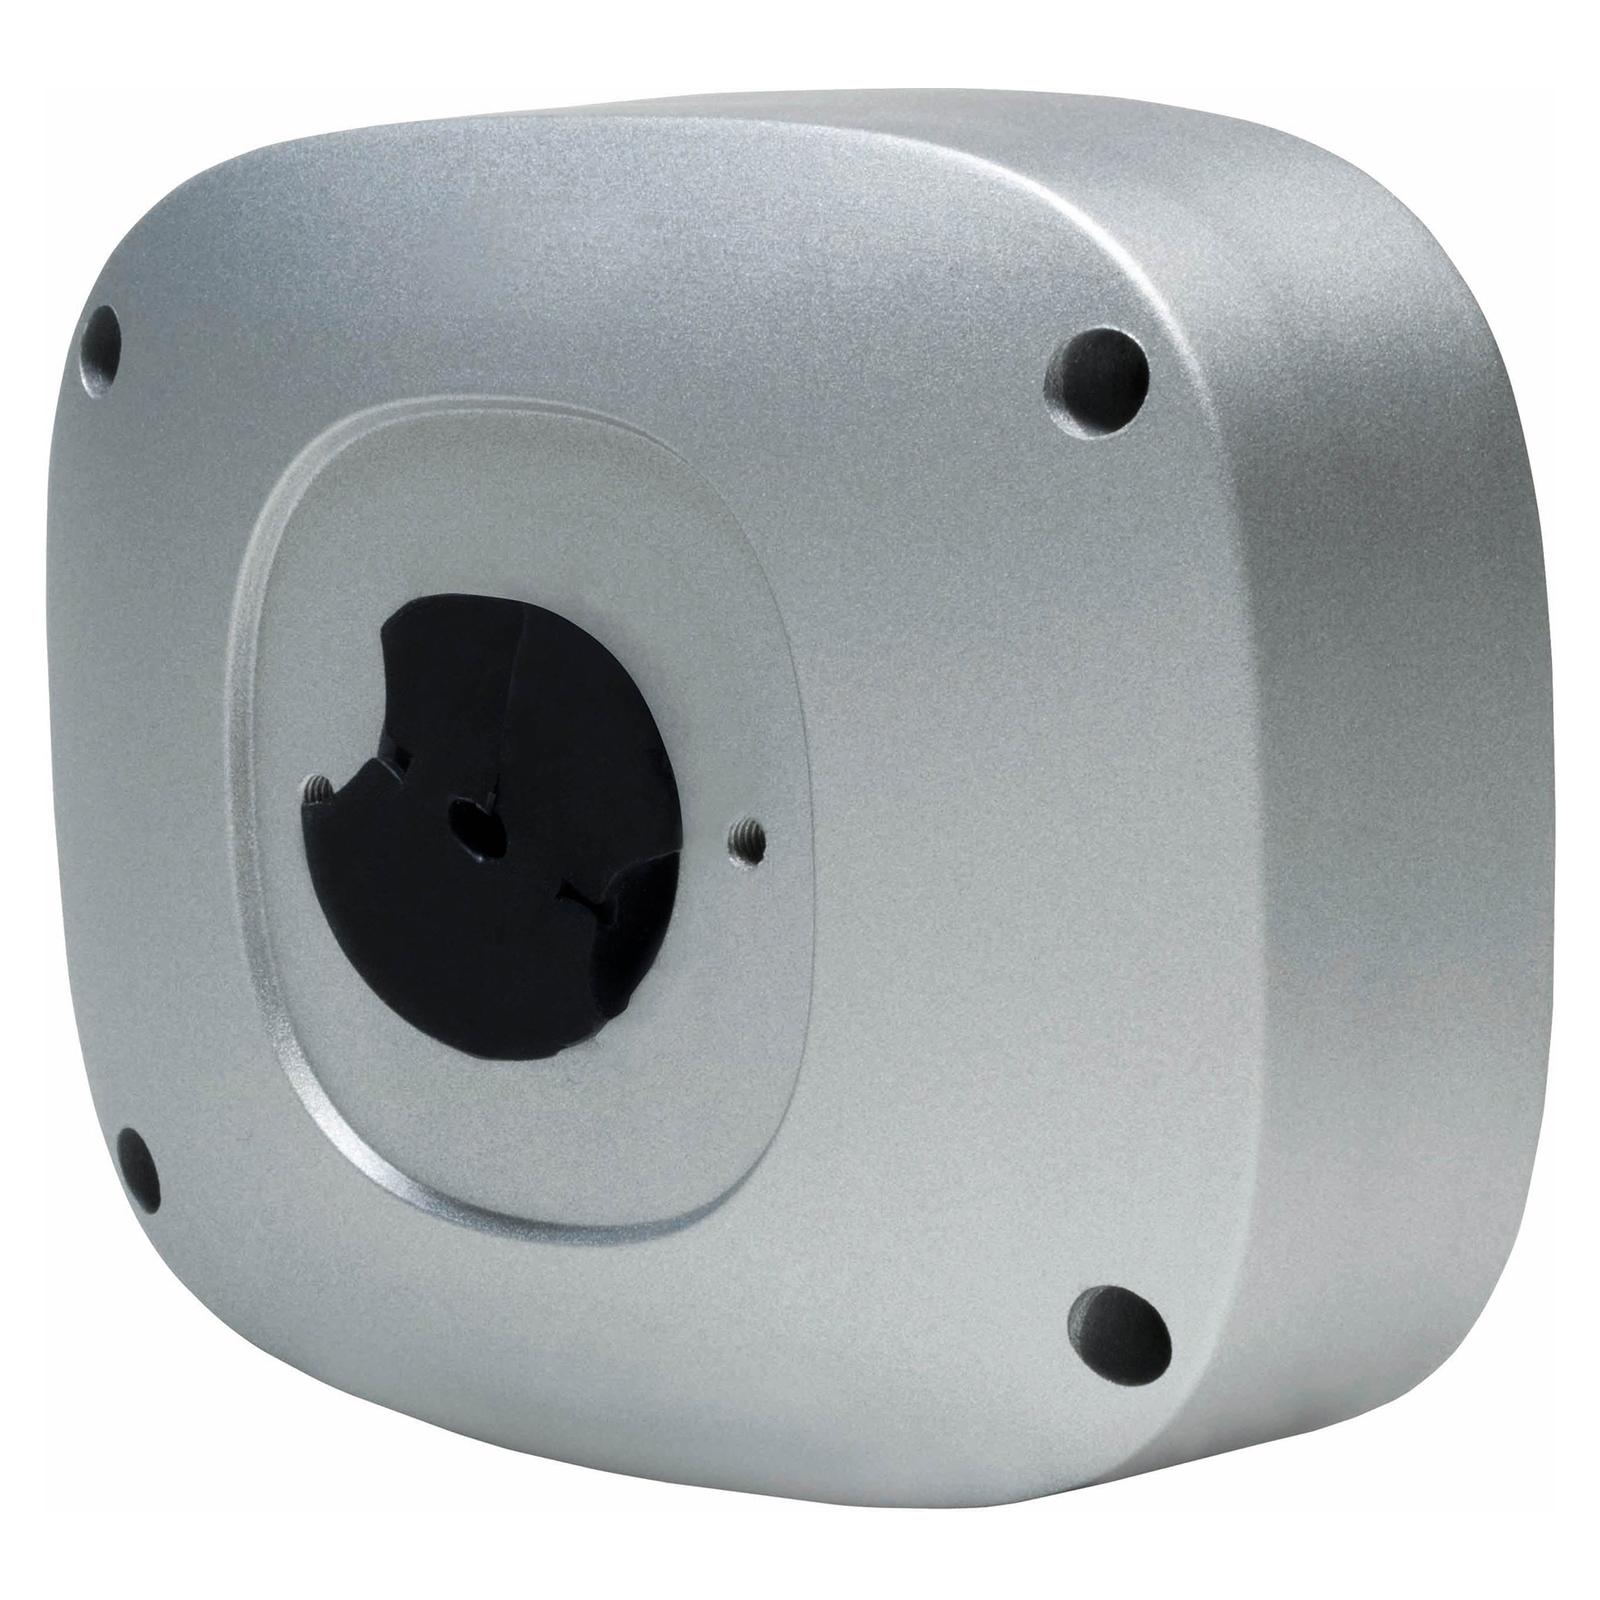 Rademacher puszka kamery HD (zewnętrzna)